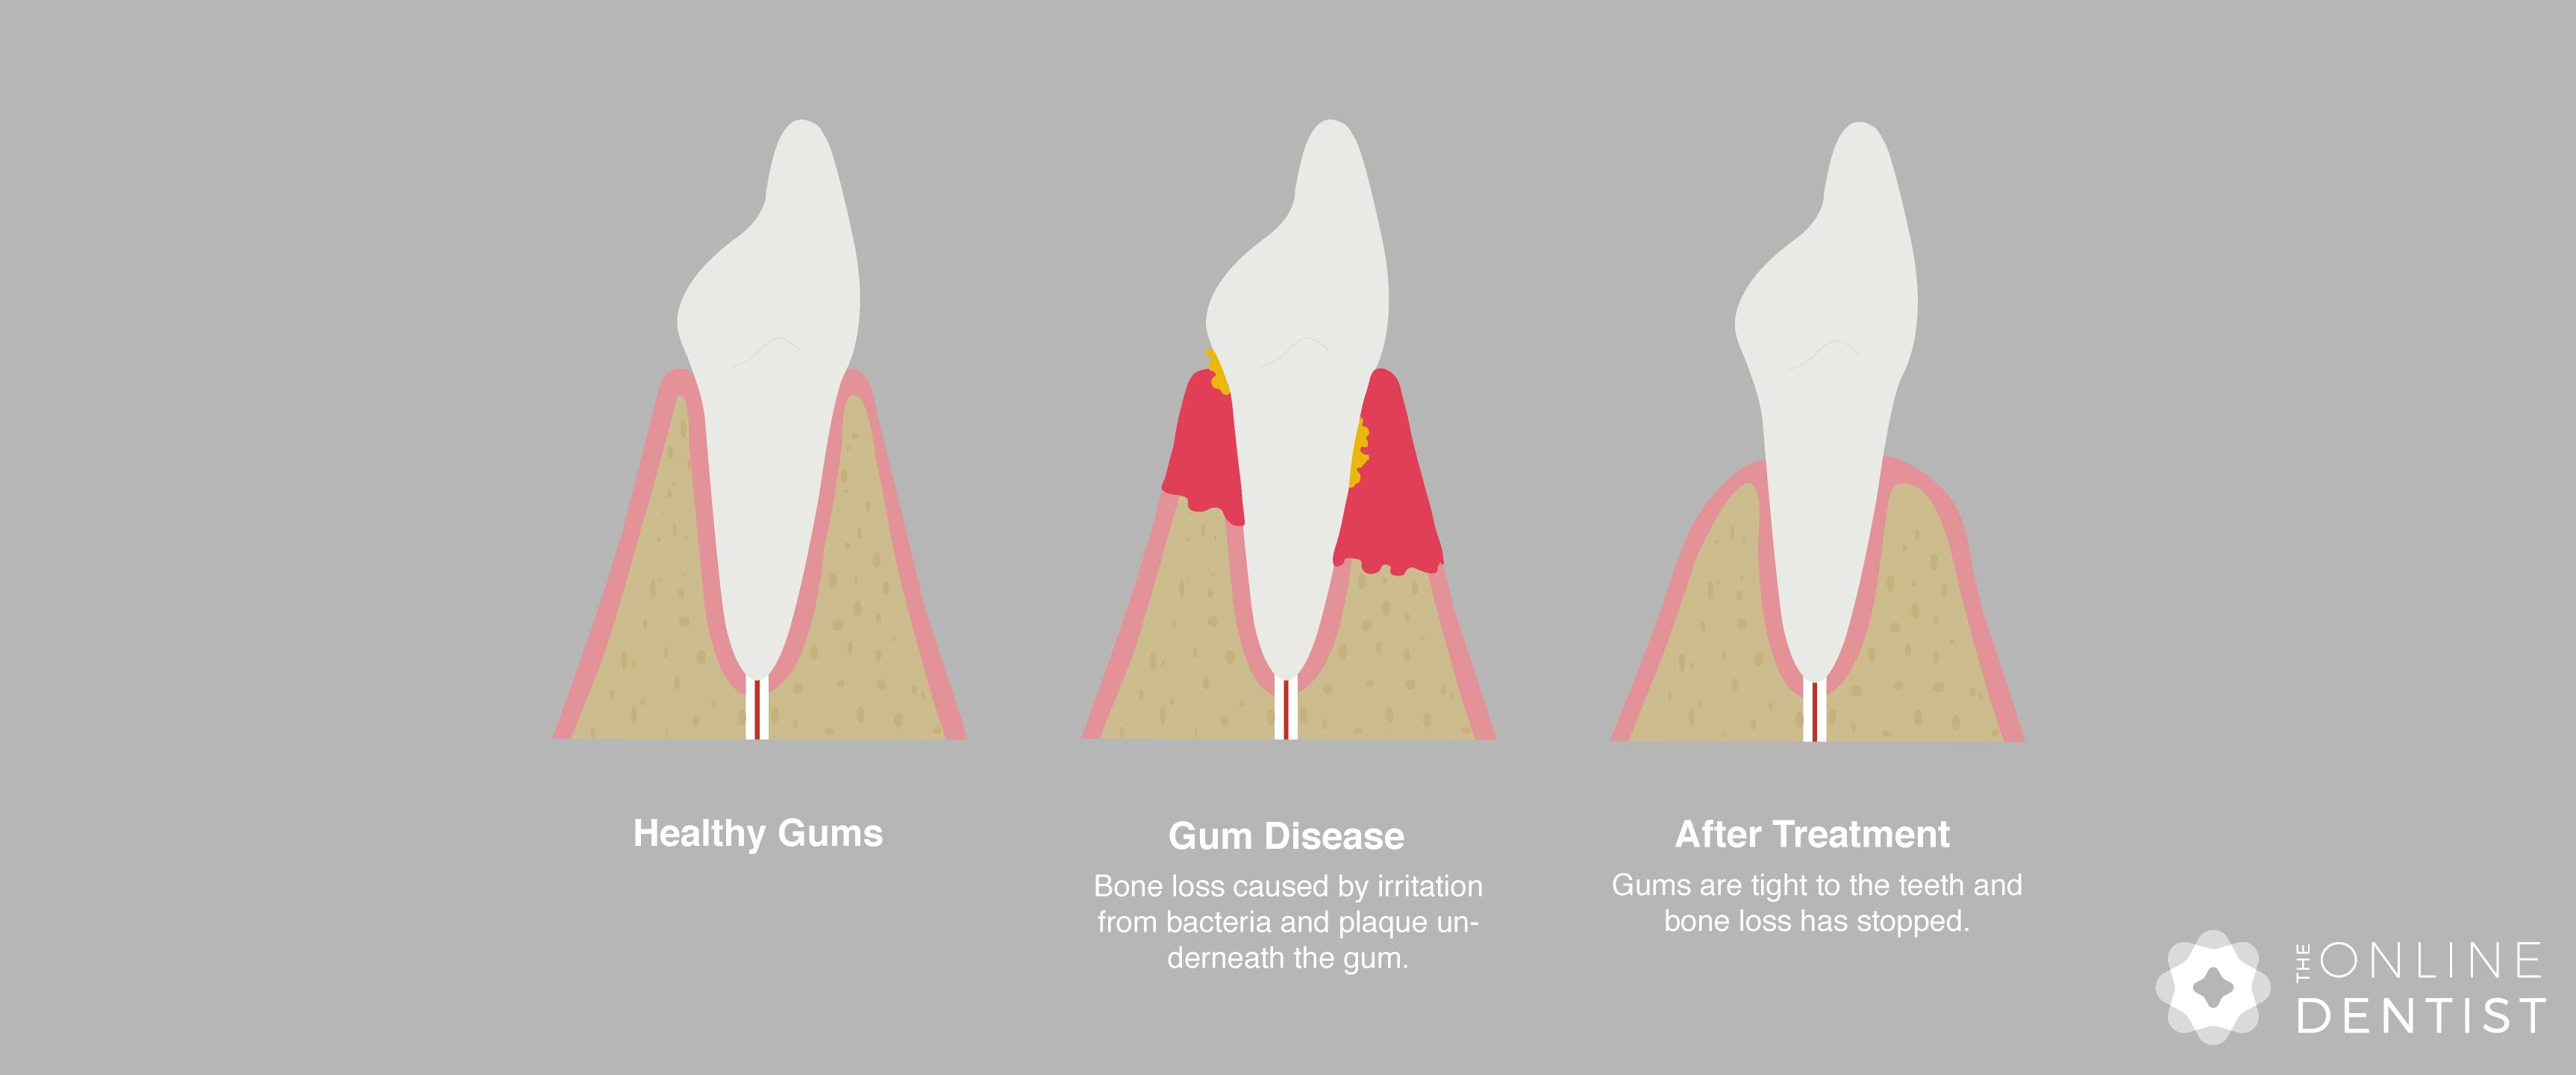 Aggressive Gum Disease Article